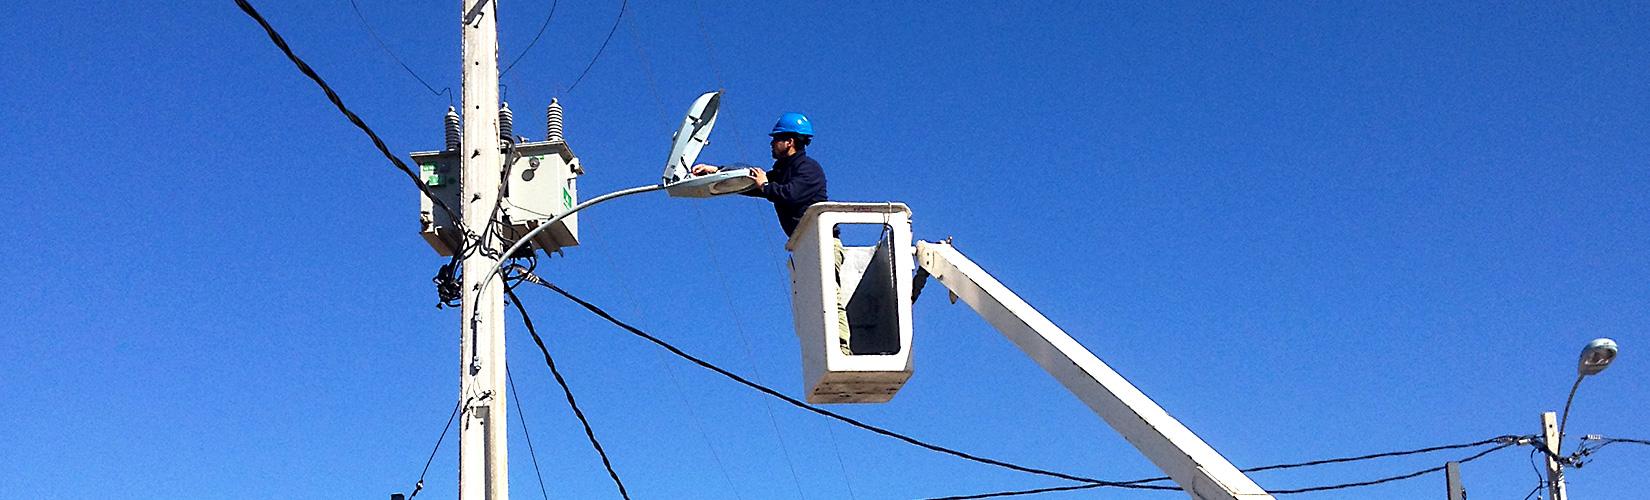 Servicios especiales electricos de potencia